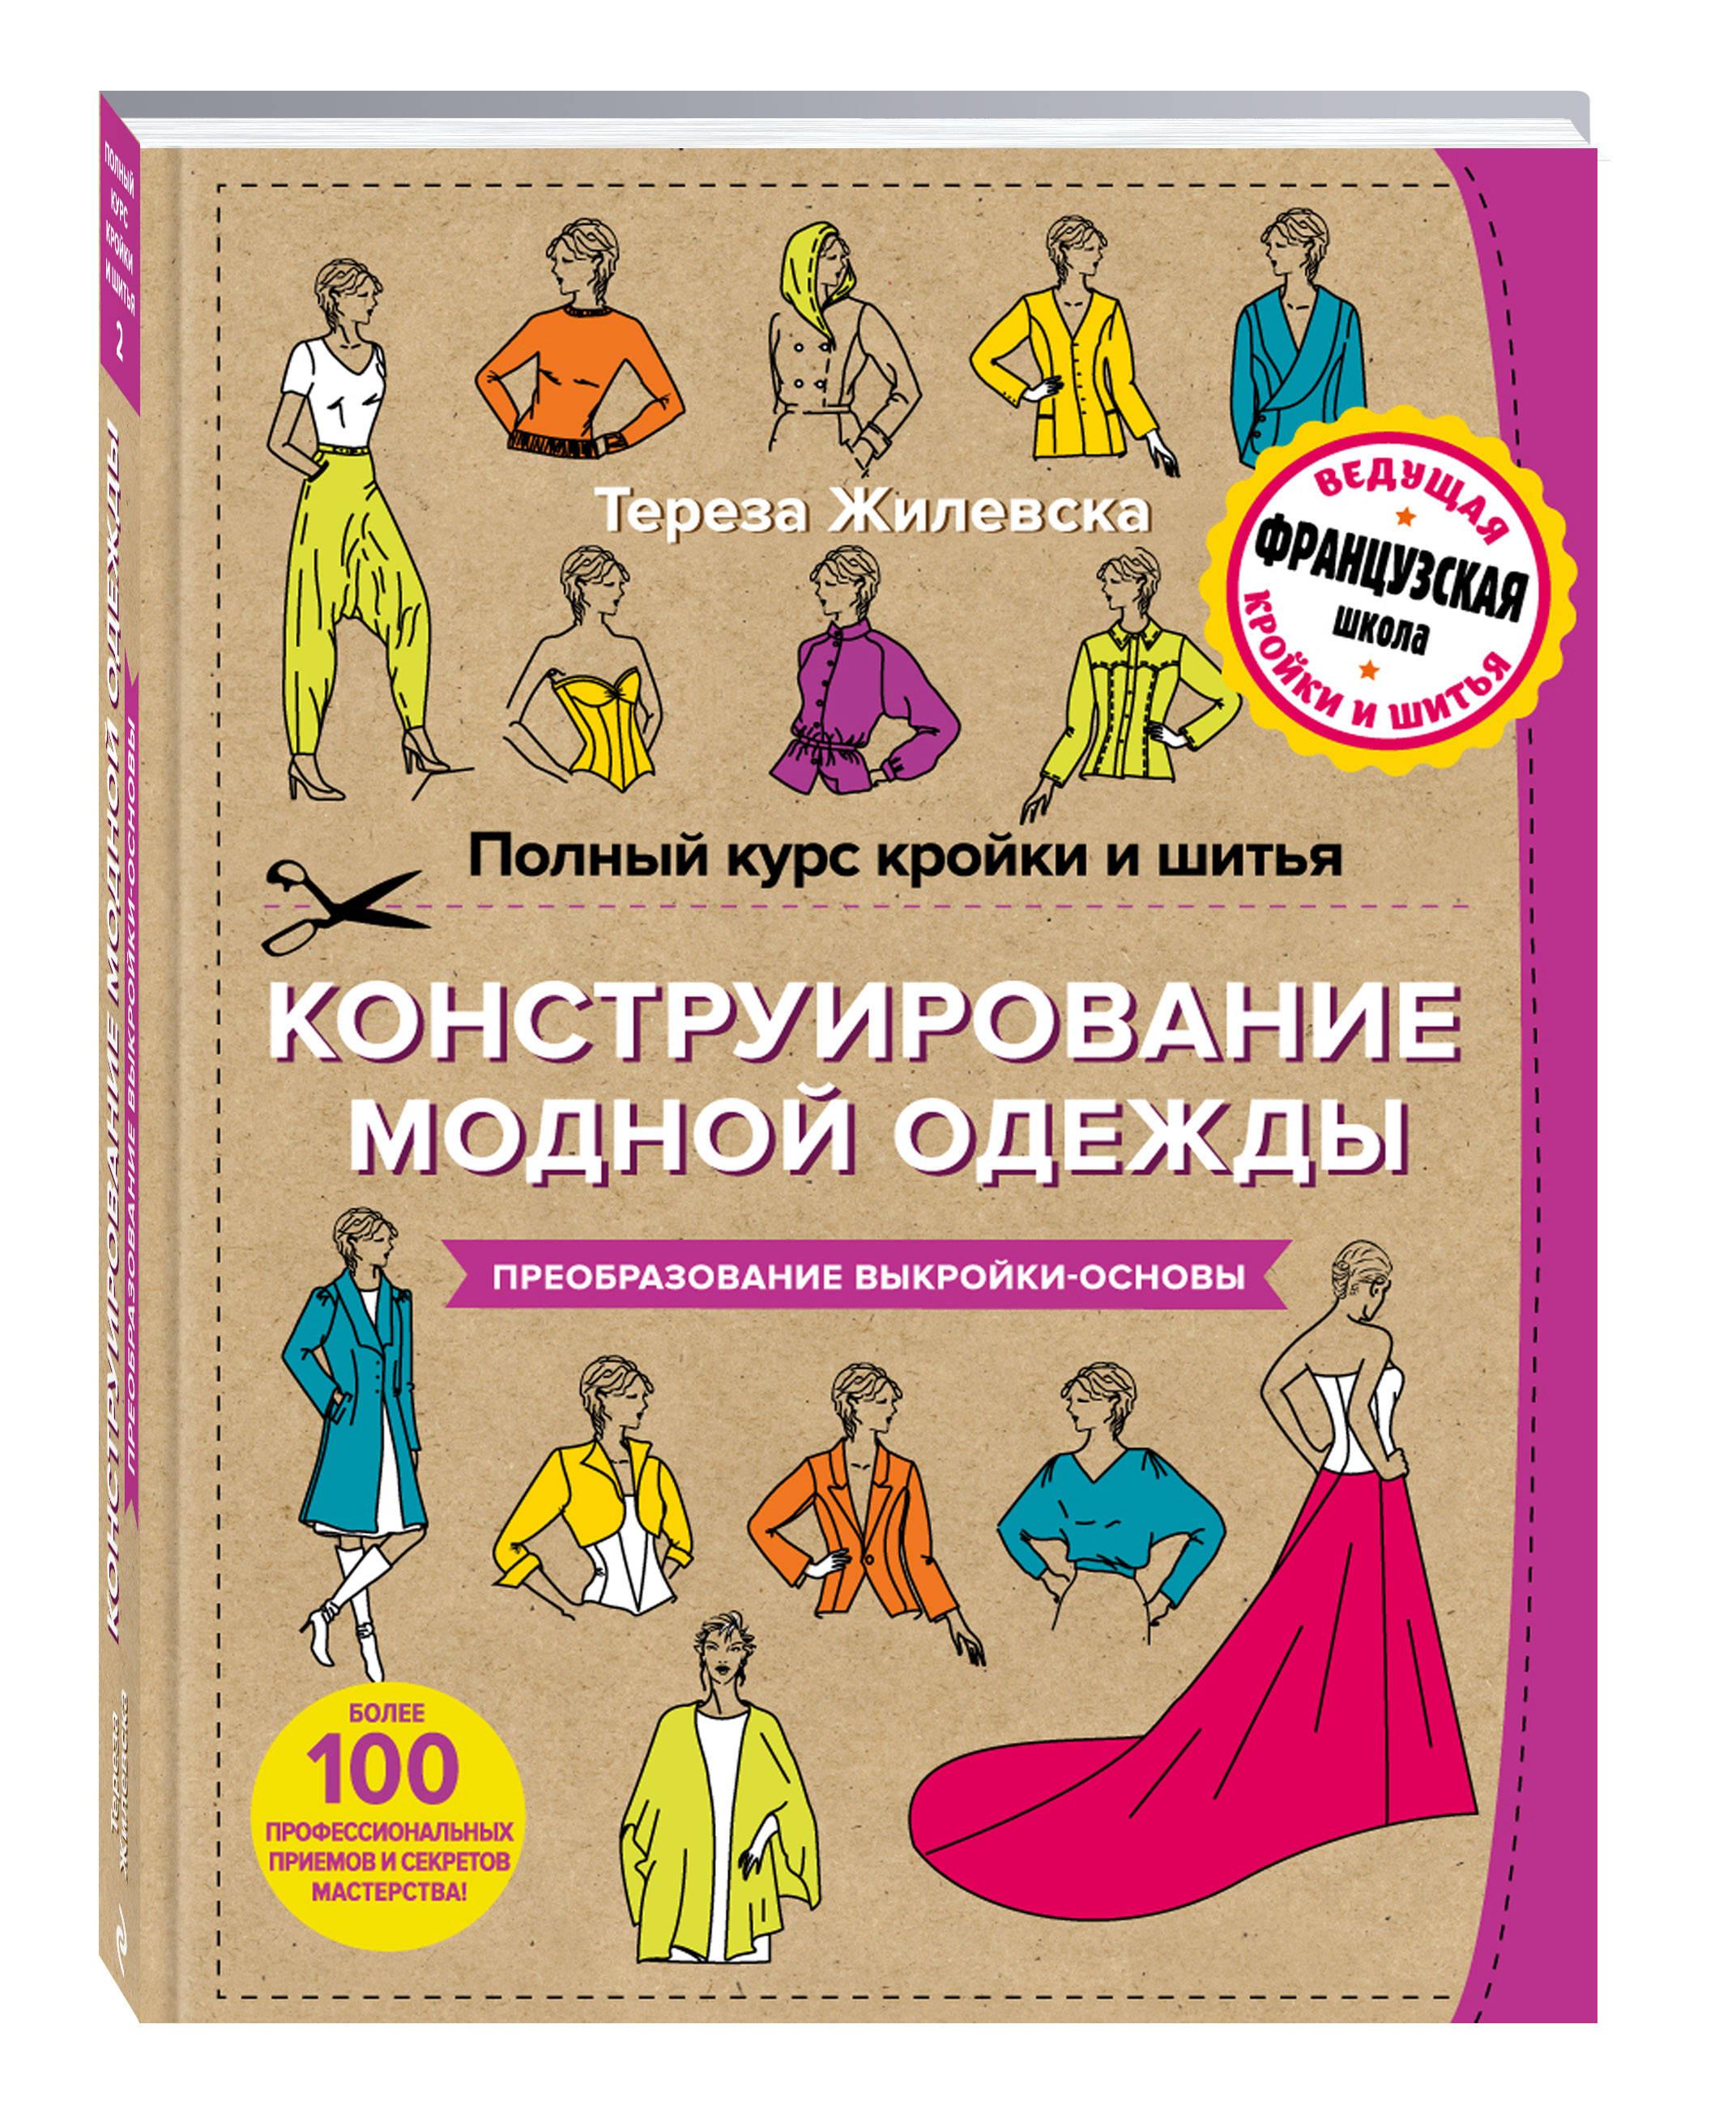 Полный курс кройки и шитья. Конструирование модной одежды. Преобразование выкройки-основы